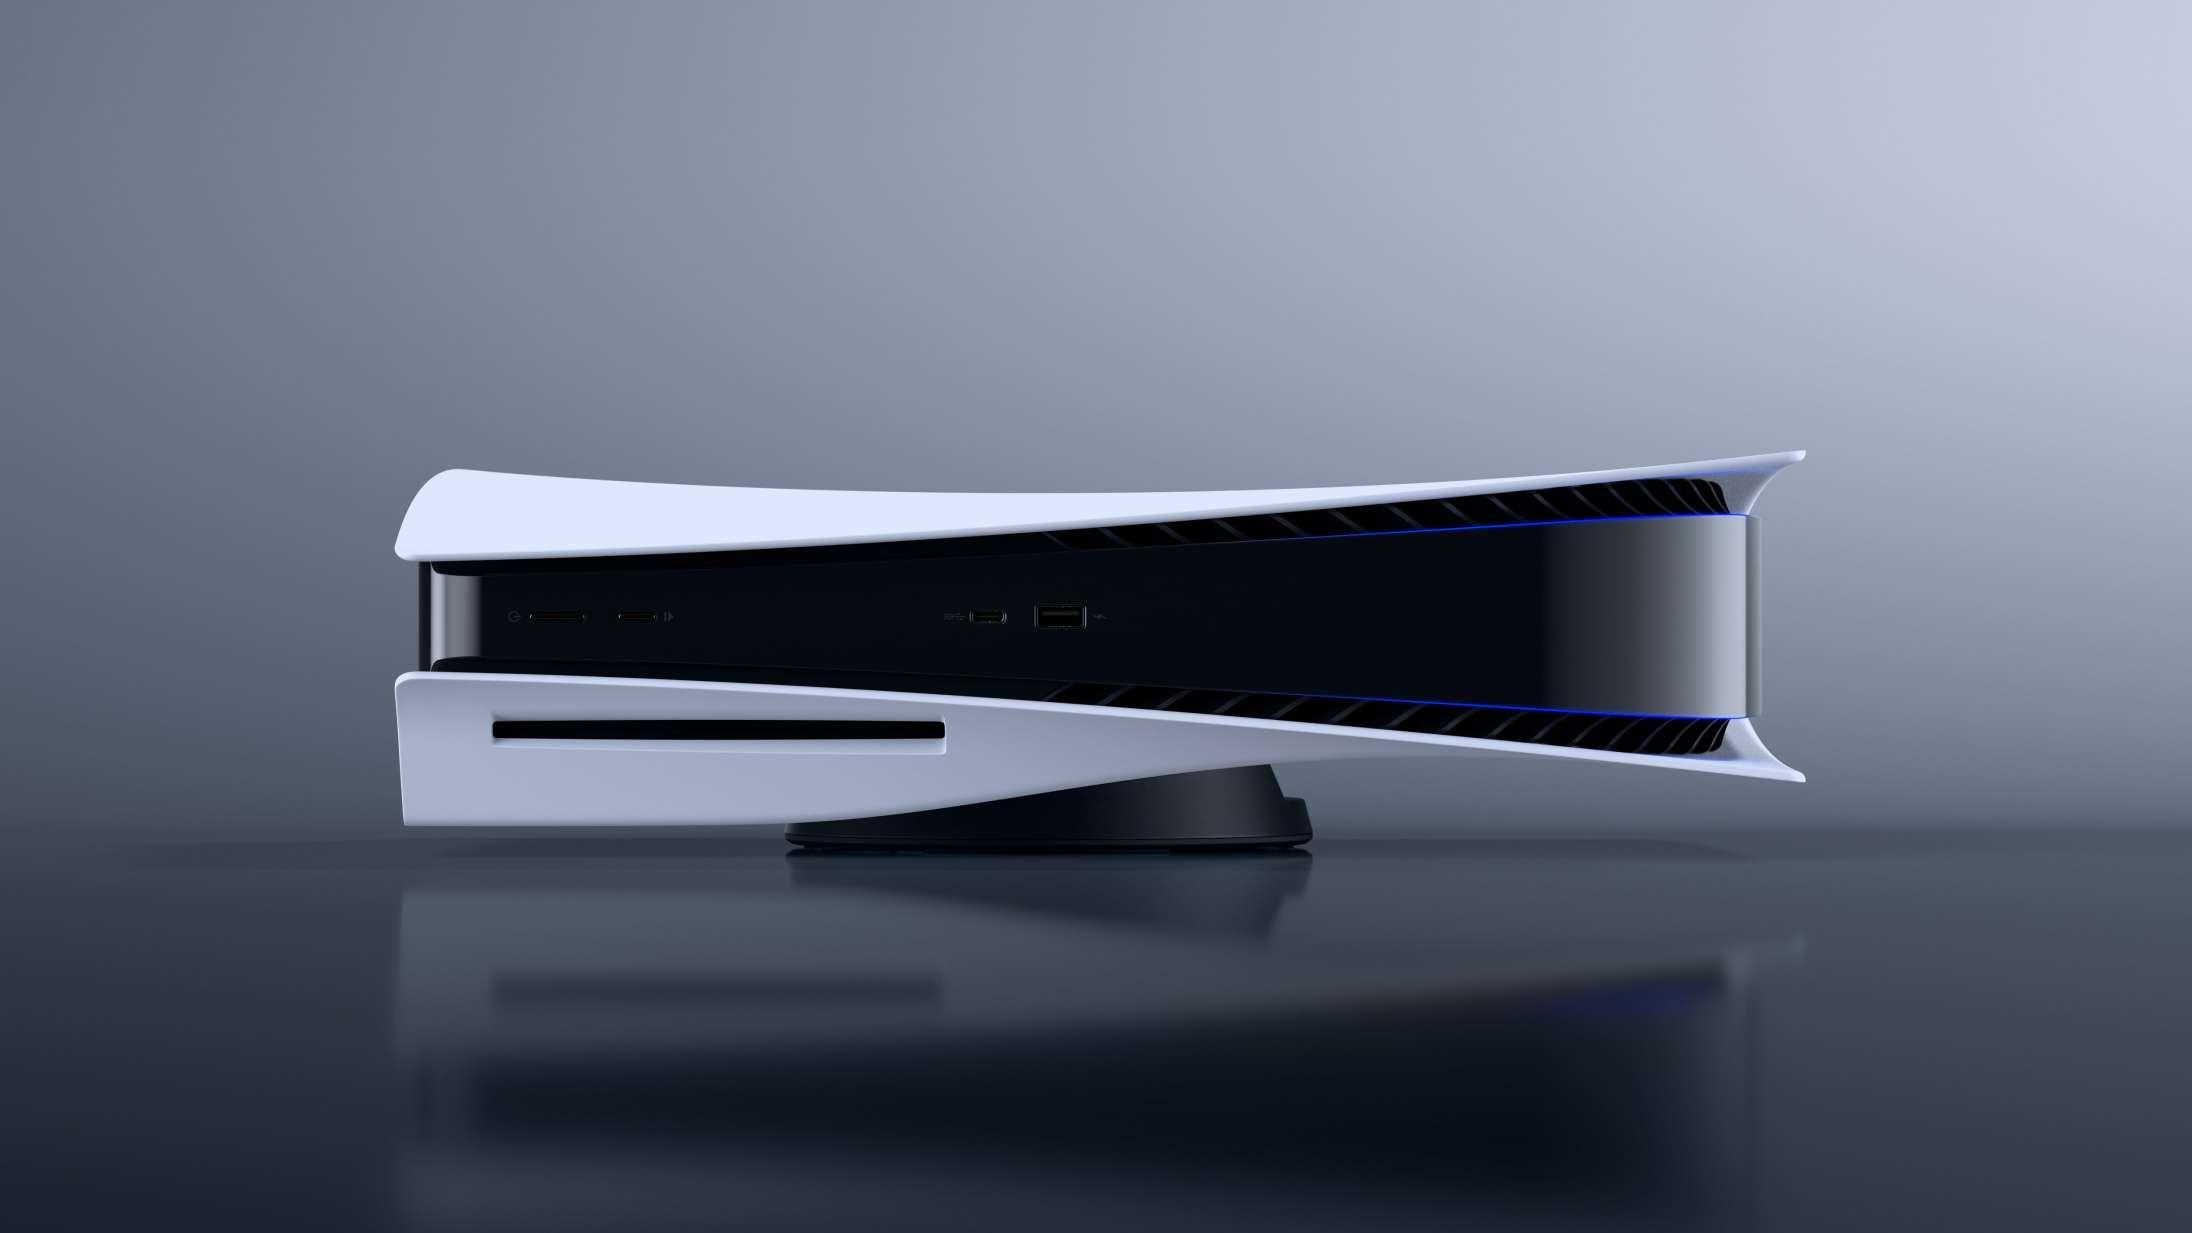 Selv Sony kan ikke finde ud af at vende PlayStation 5 korrekt